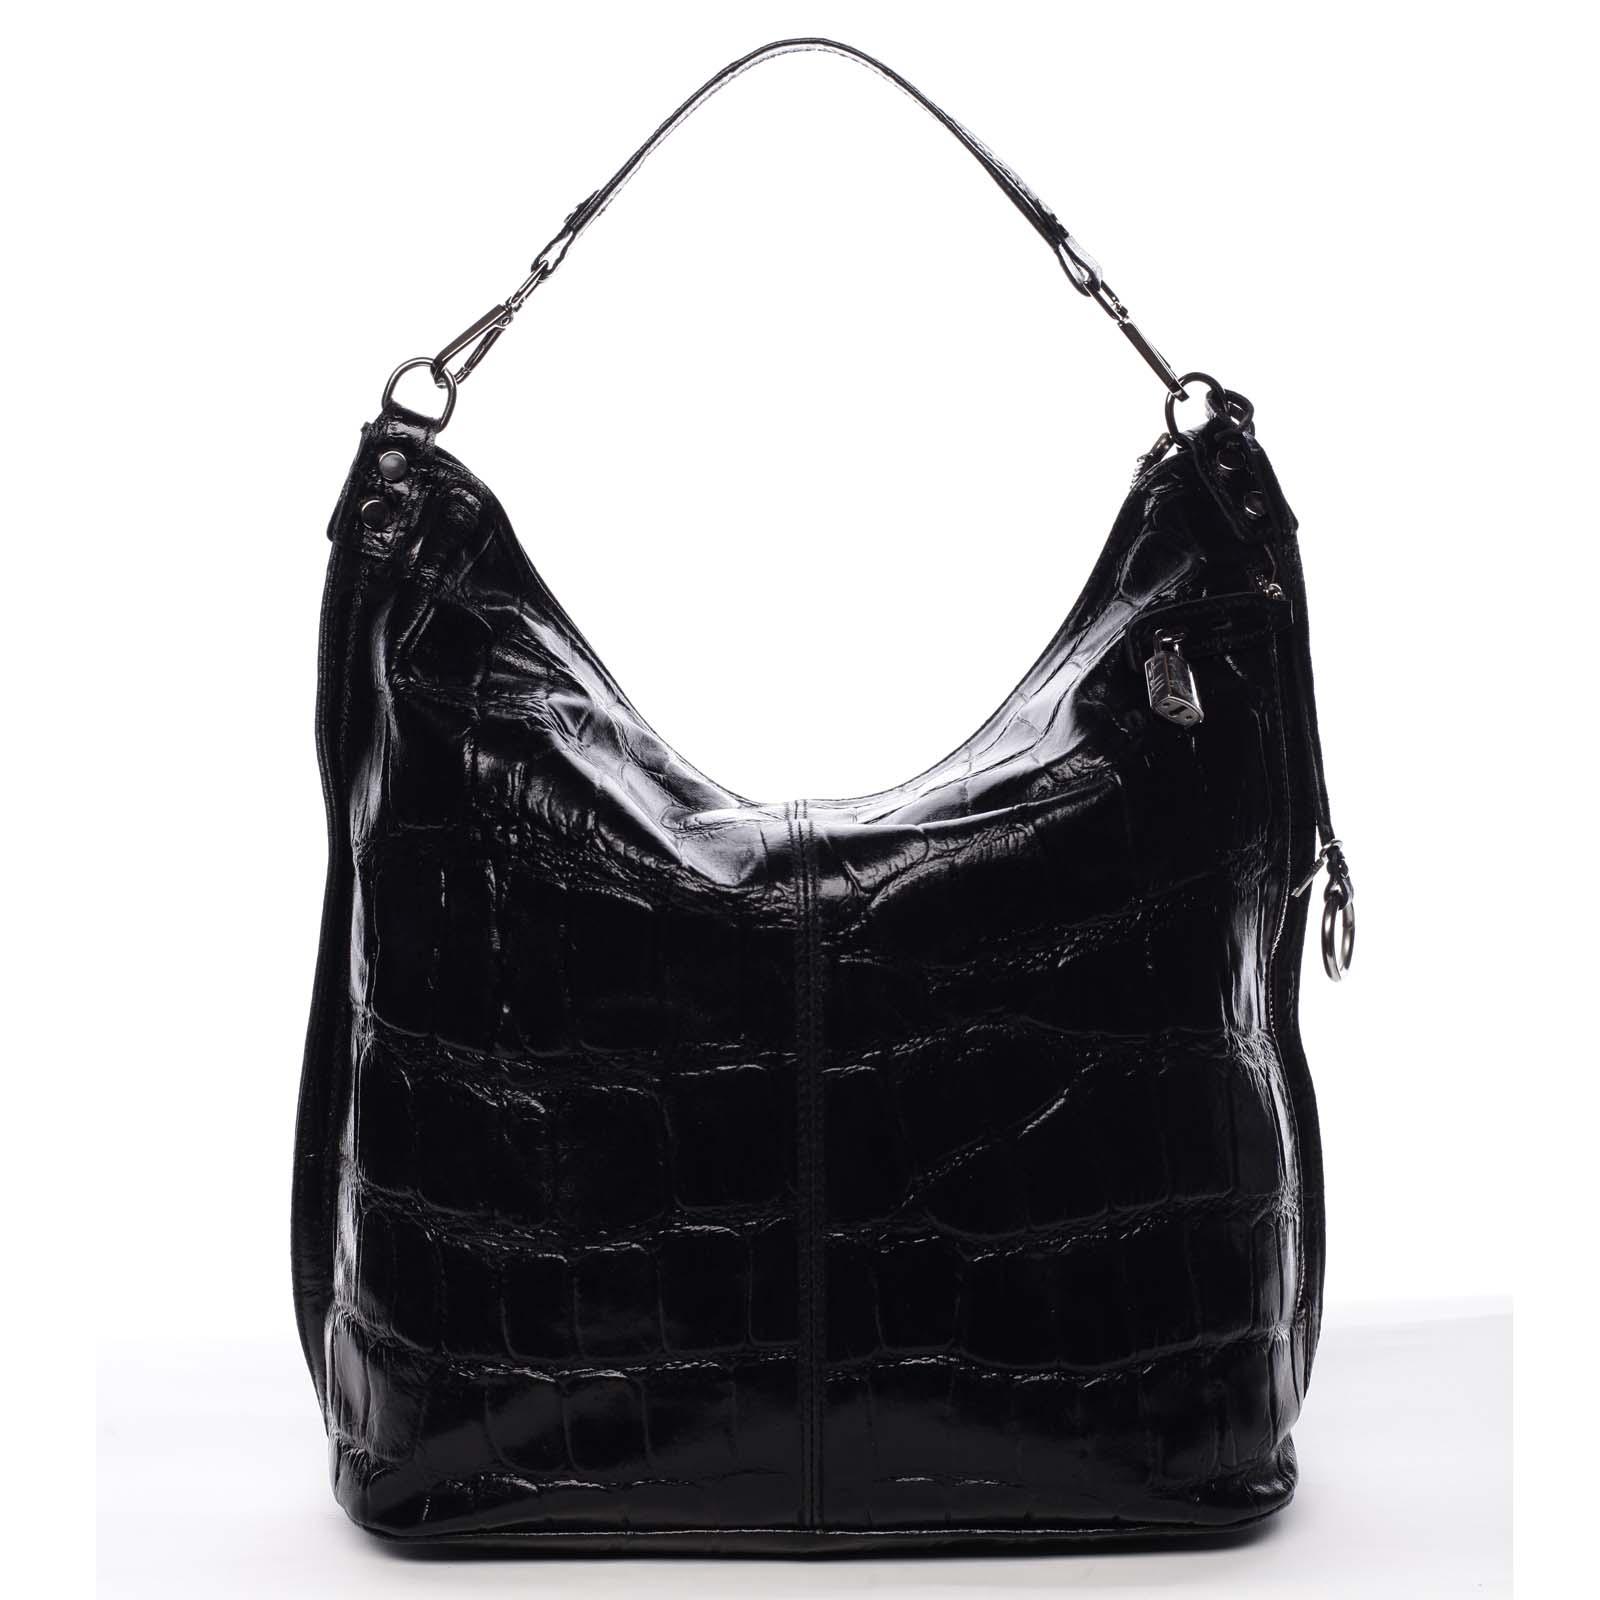 Veľká kožená dámska kabelka čierna - ItalY Celinda čierna